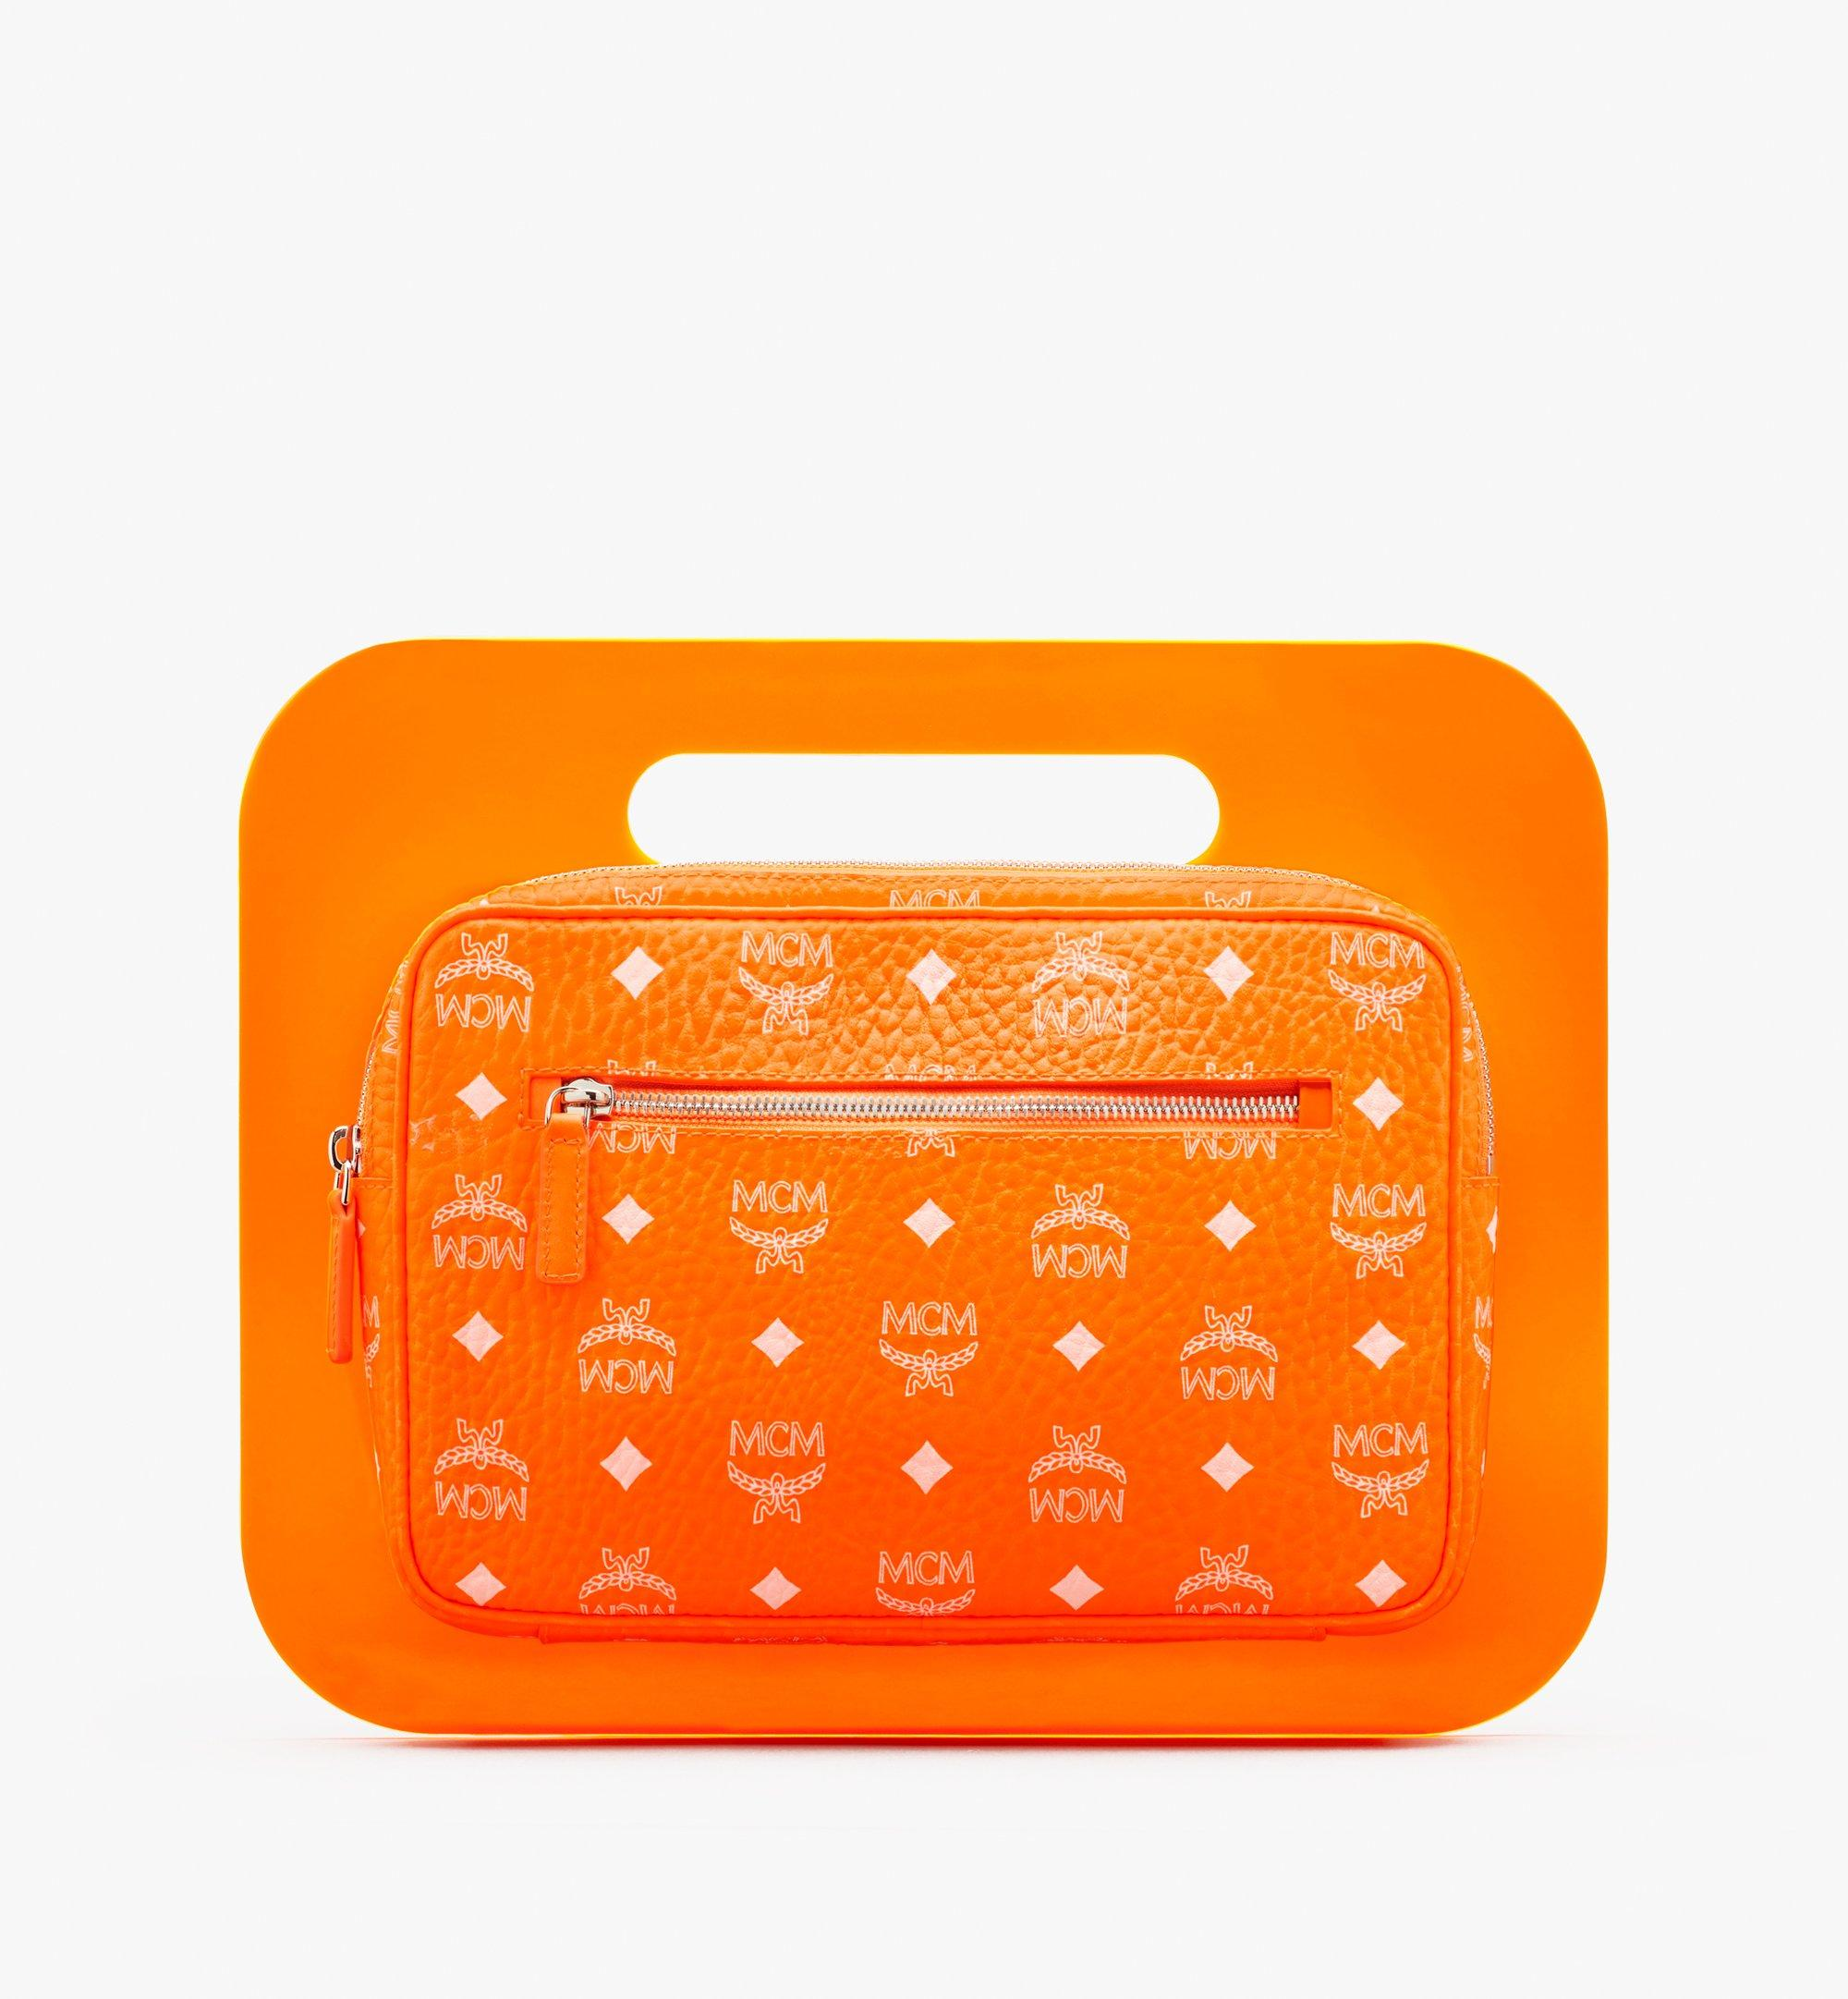 MCM 〈MCM by PHENOMENON〉アクリル ディスク バッグ - ヴィセトス Orange MYZASJP03OW001 ほかの角度から見る 1